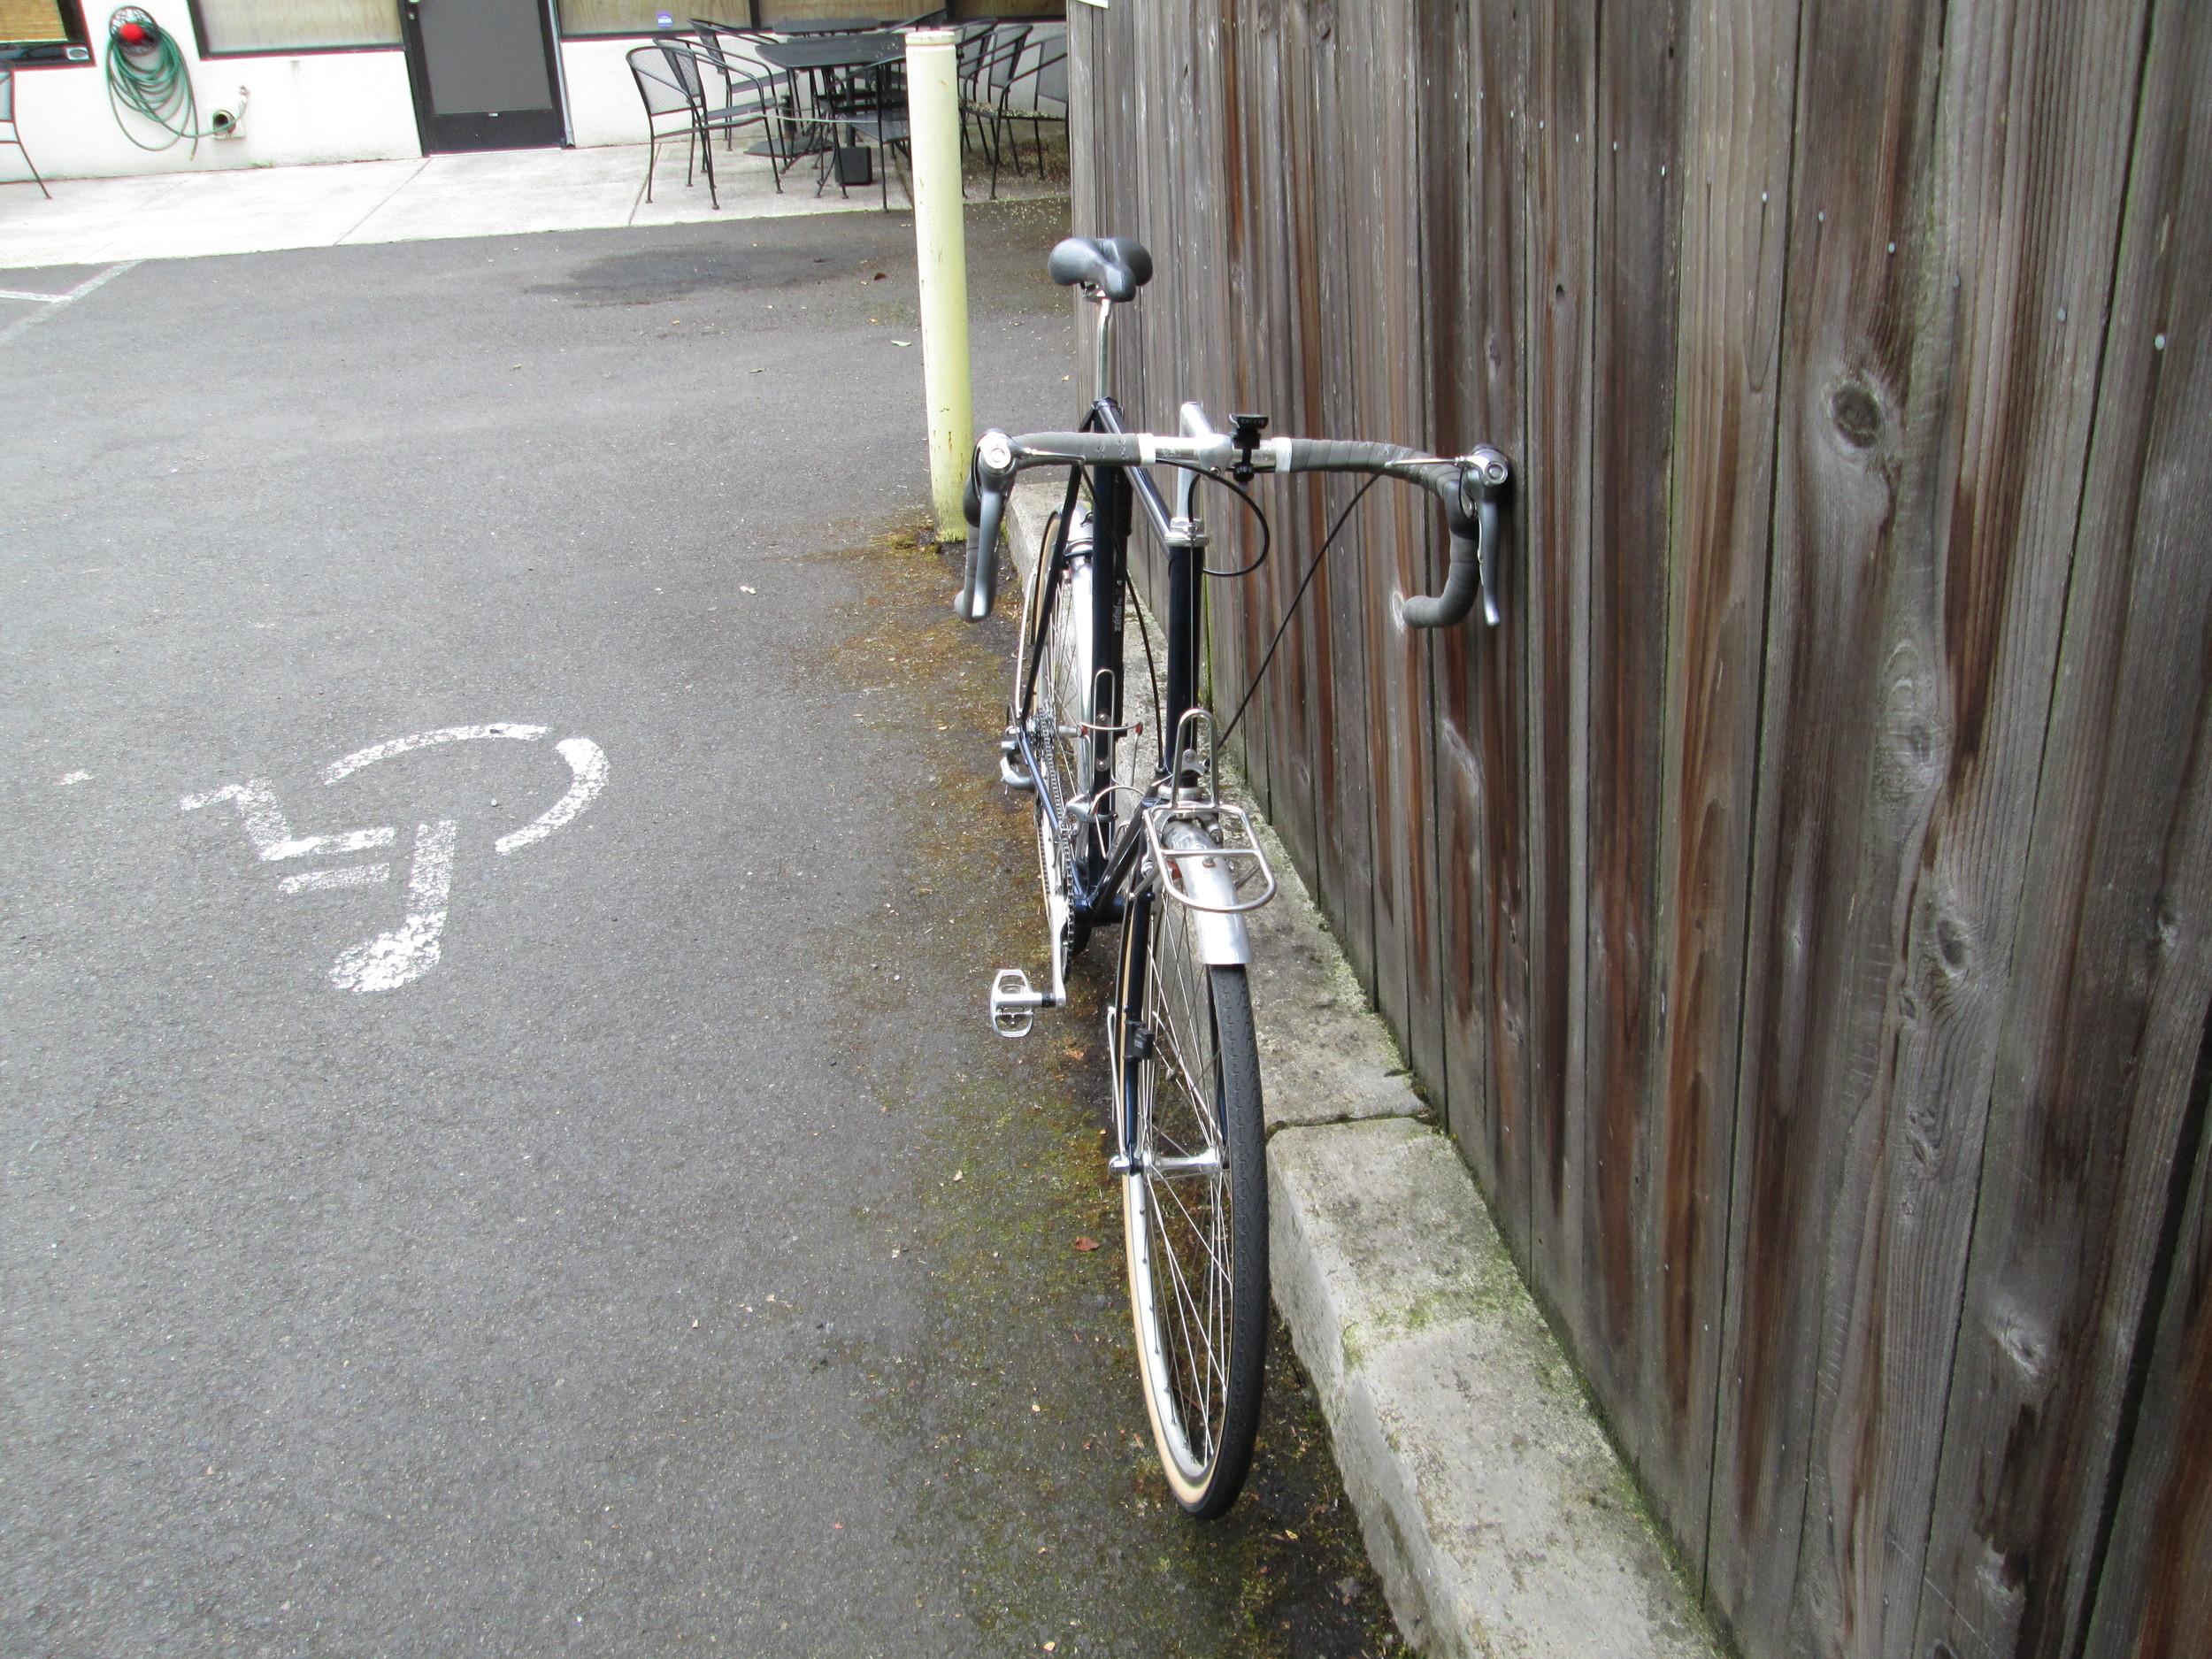 jims bike 004.JPG